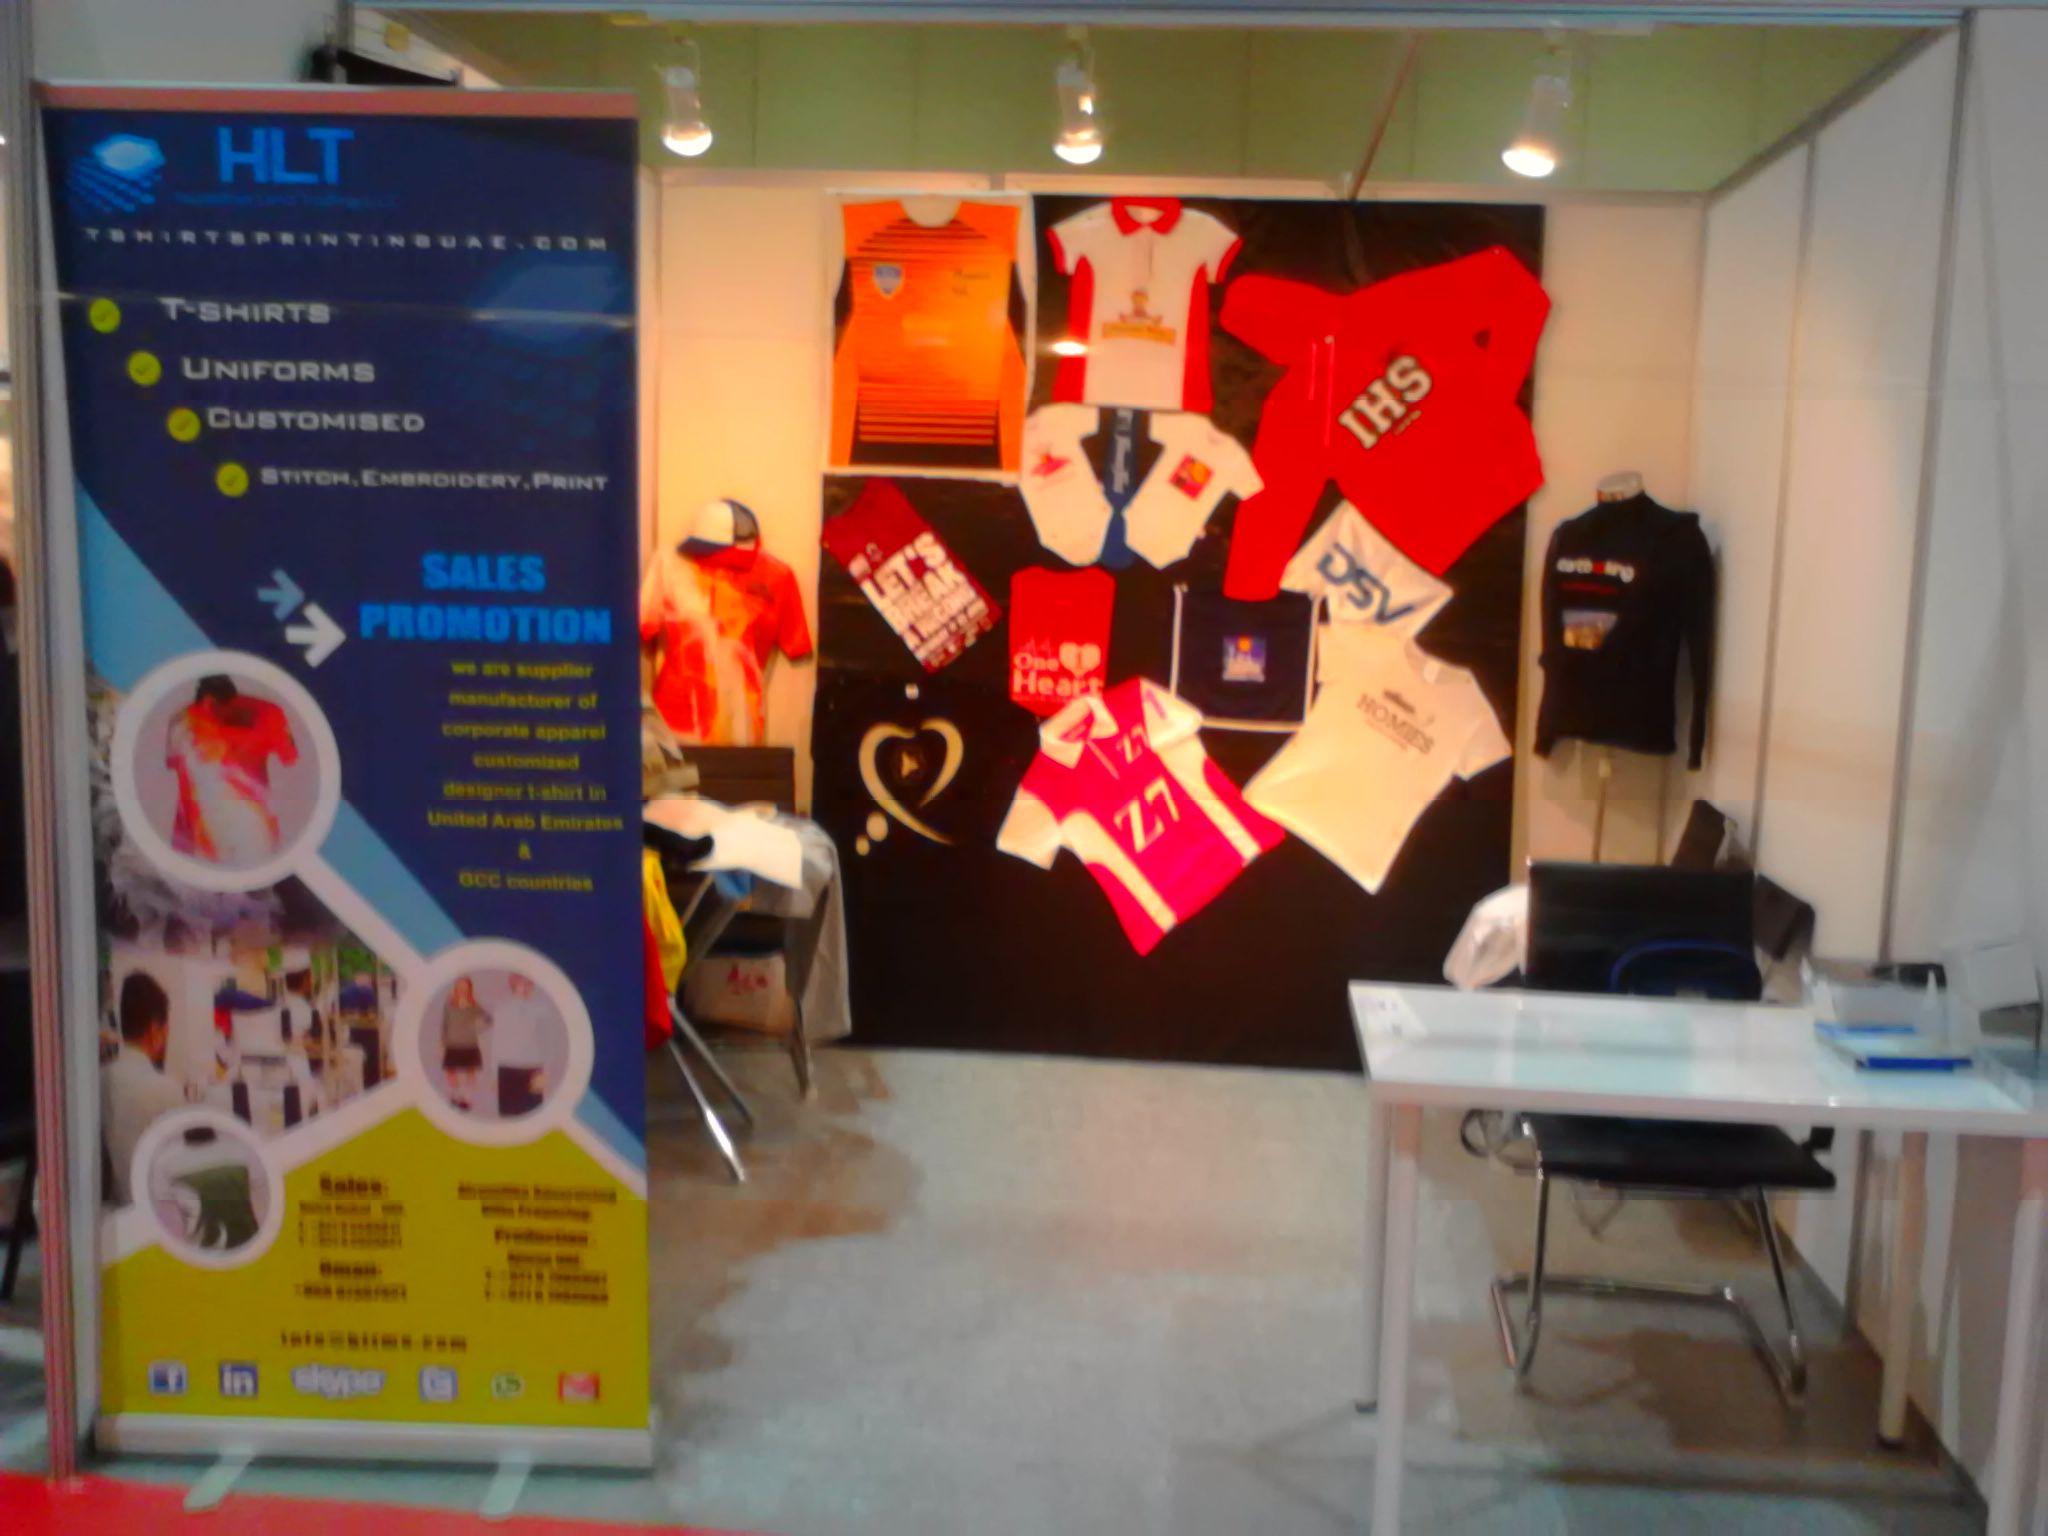 c17e830a0 Tshirts Printing Uae Both at Exhibition Hall Dubai World Trade Center\  www.tshirtsprintinguae.